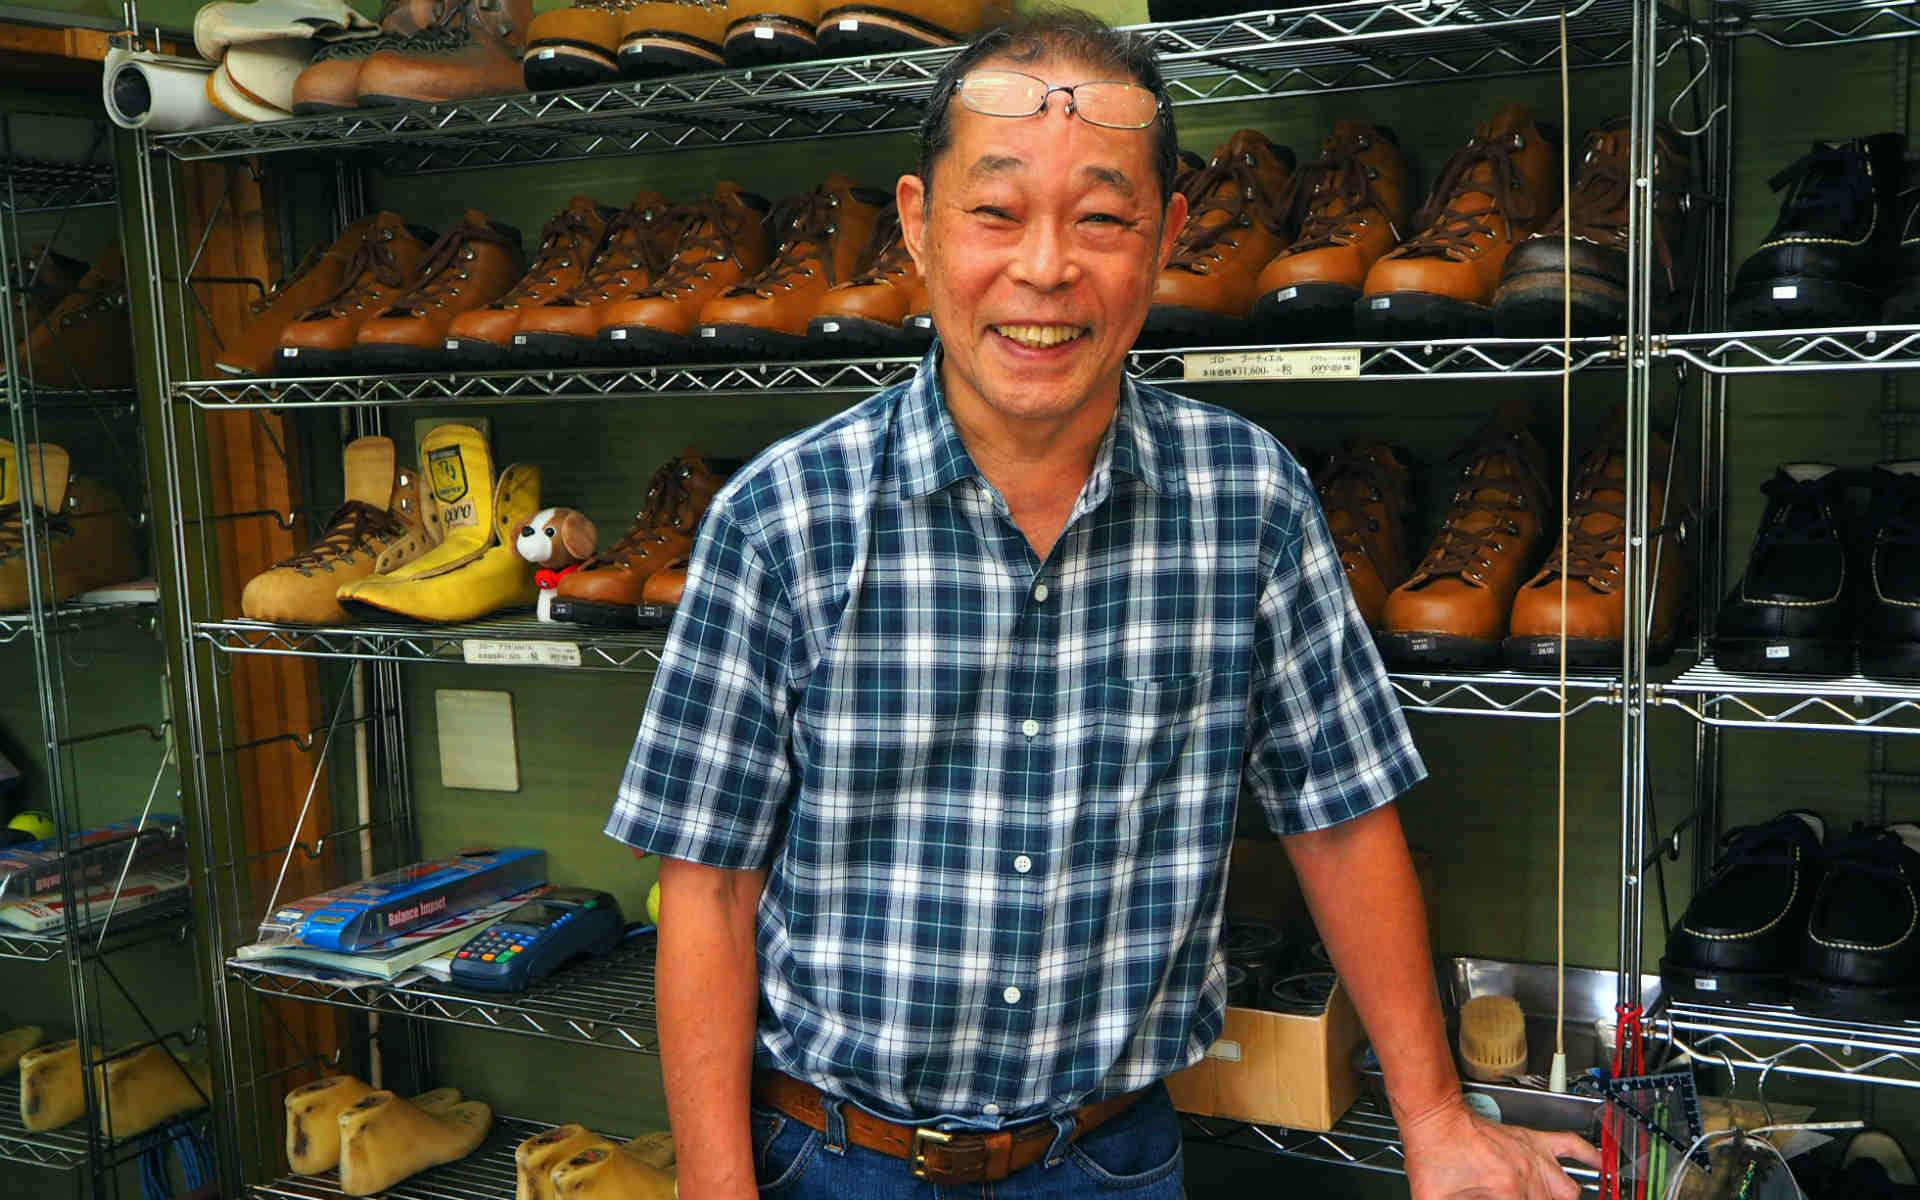 「ゴロー」の登山靴に世界中から注文が集まる理由。オーダーメイドで仕立てる靴職人の手仕事